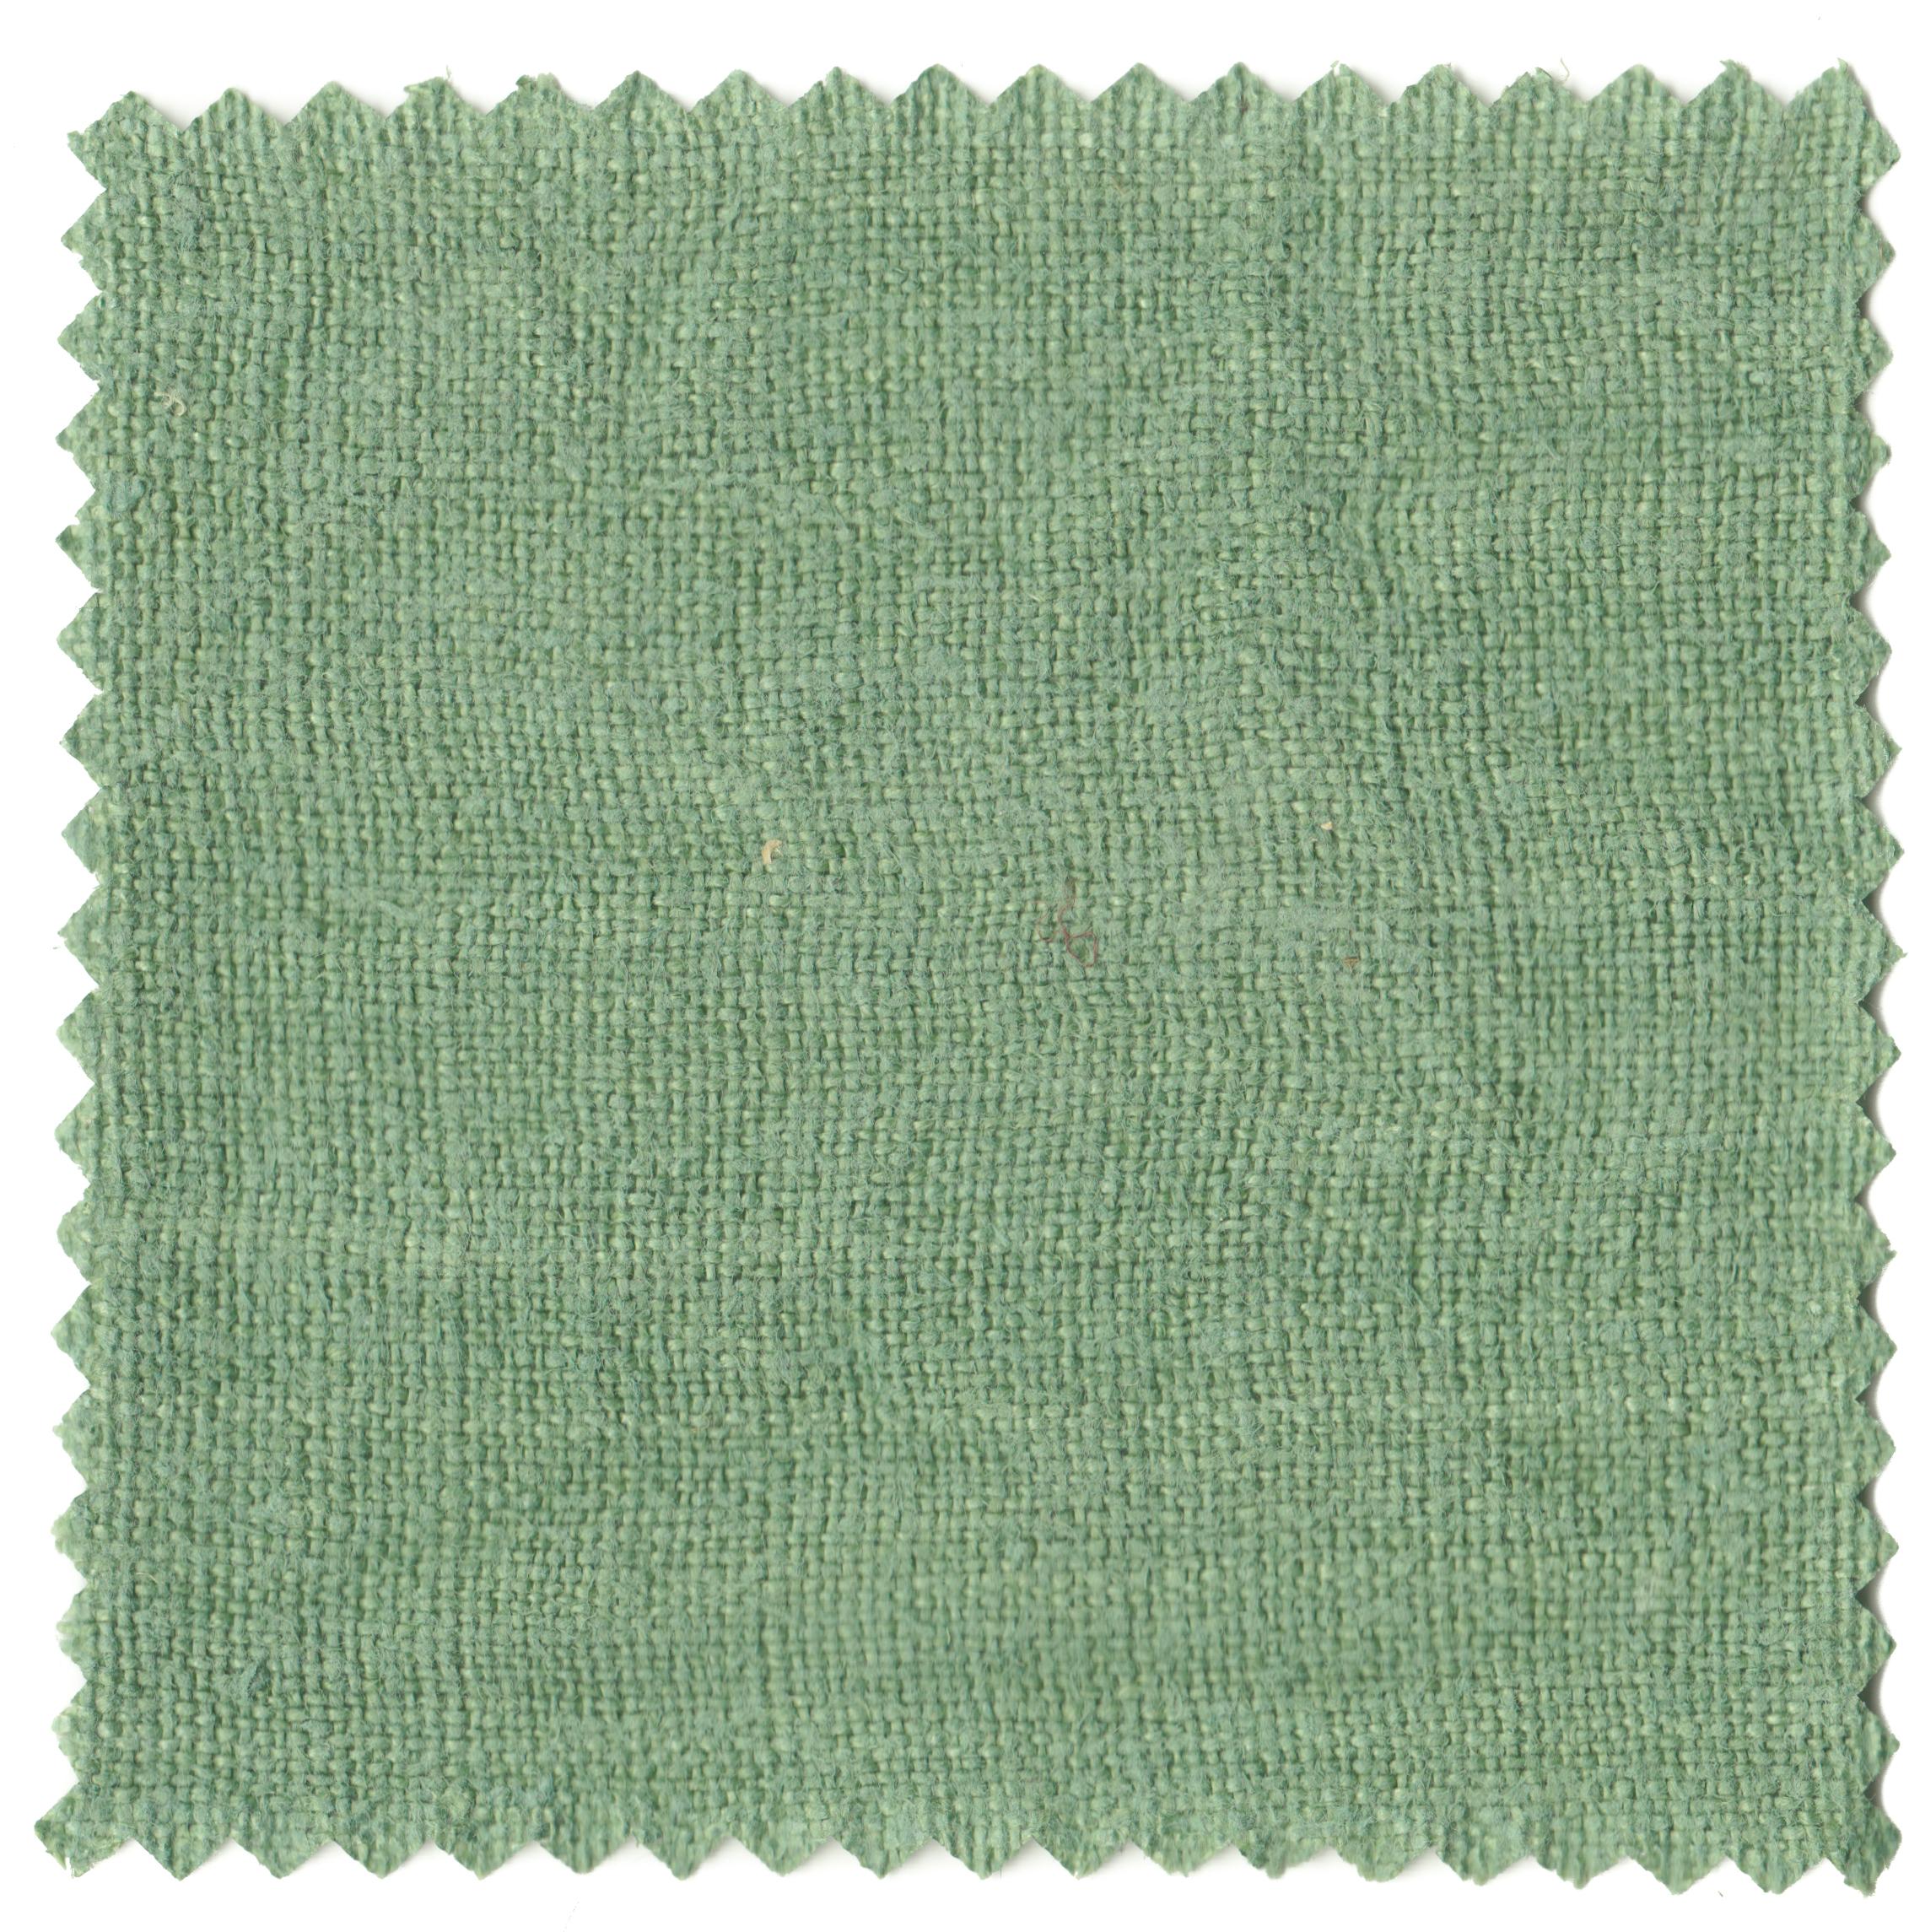 Jade Greens-4.jpg